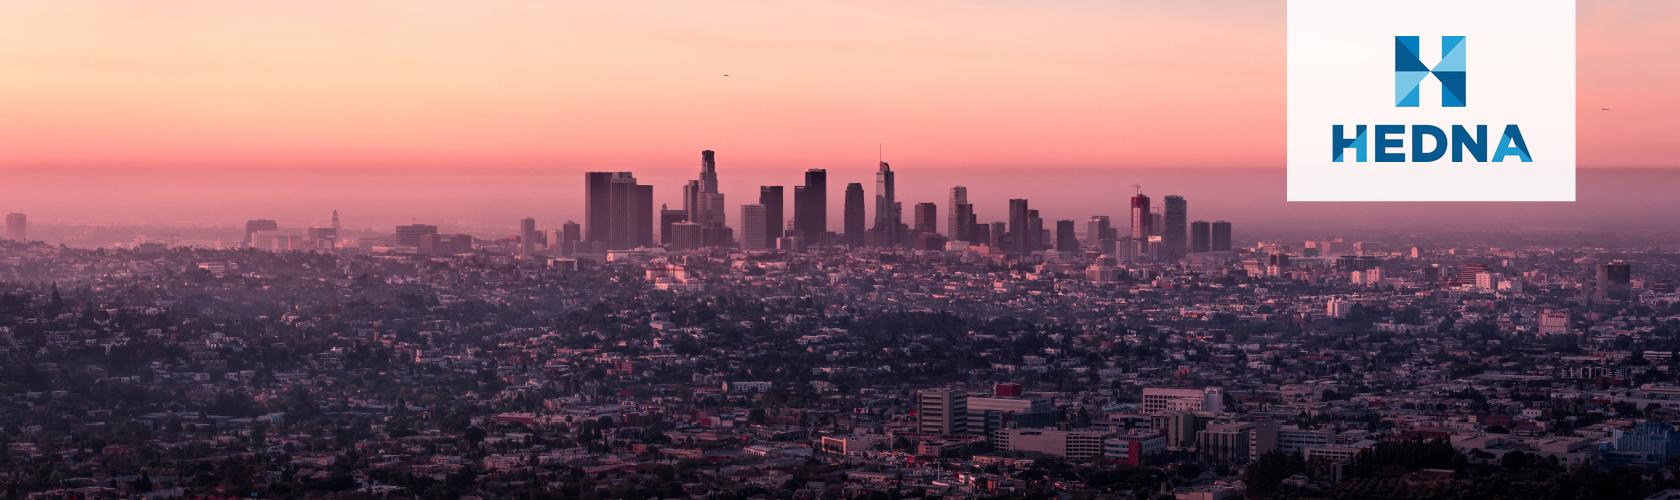 Hedna Los Angeles Jan 2020